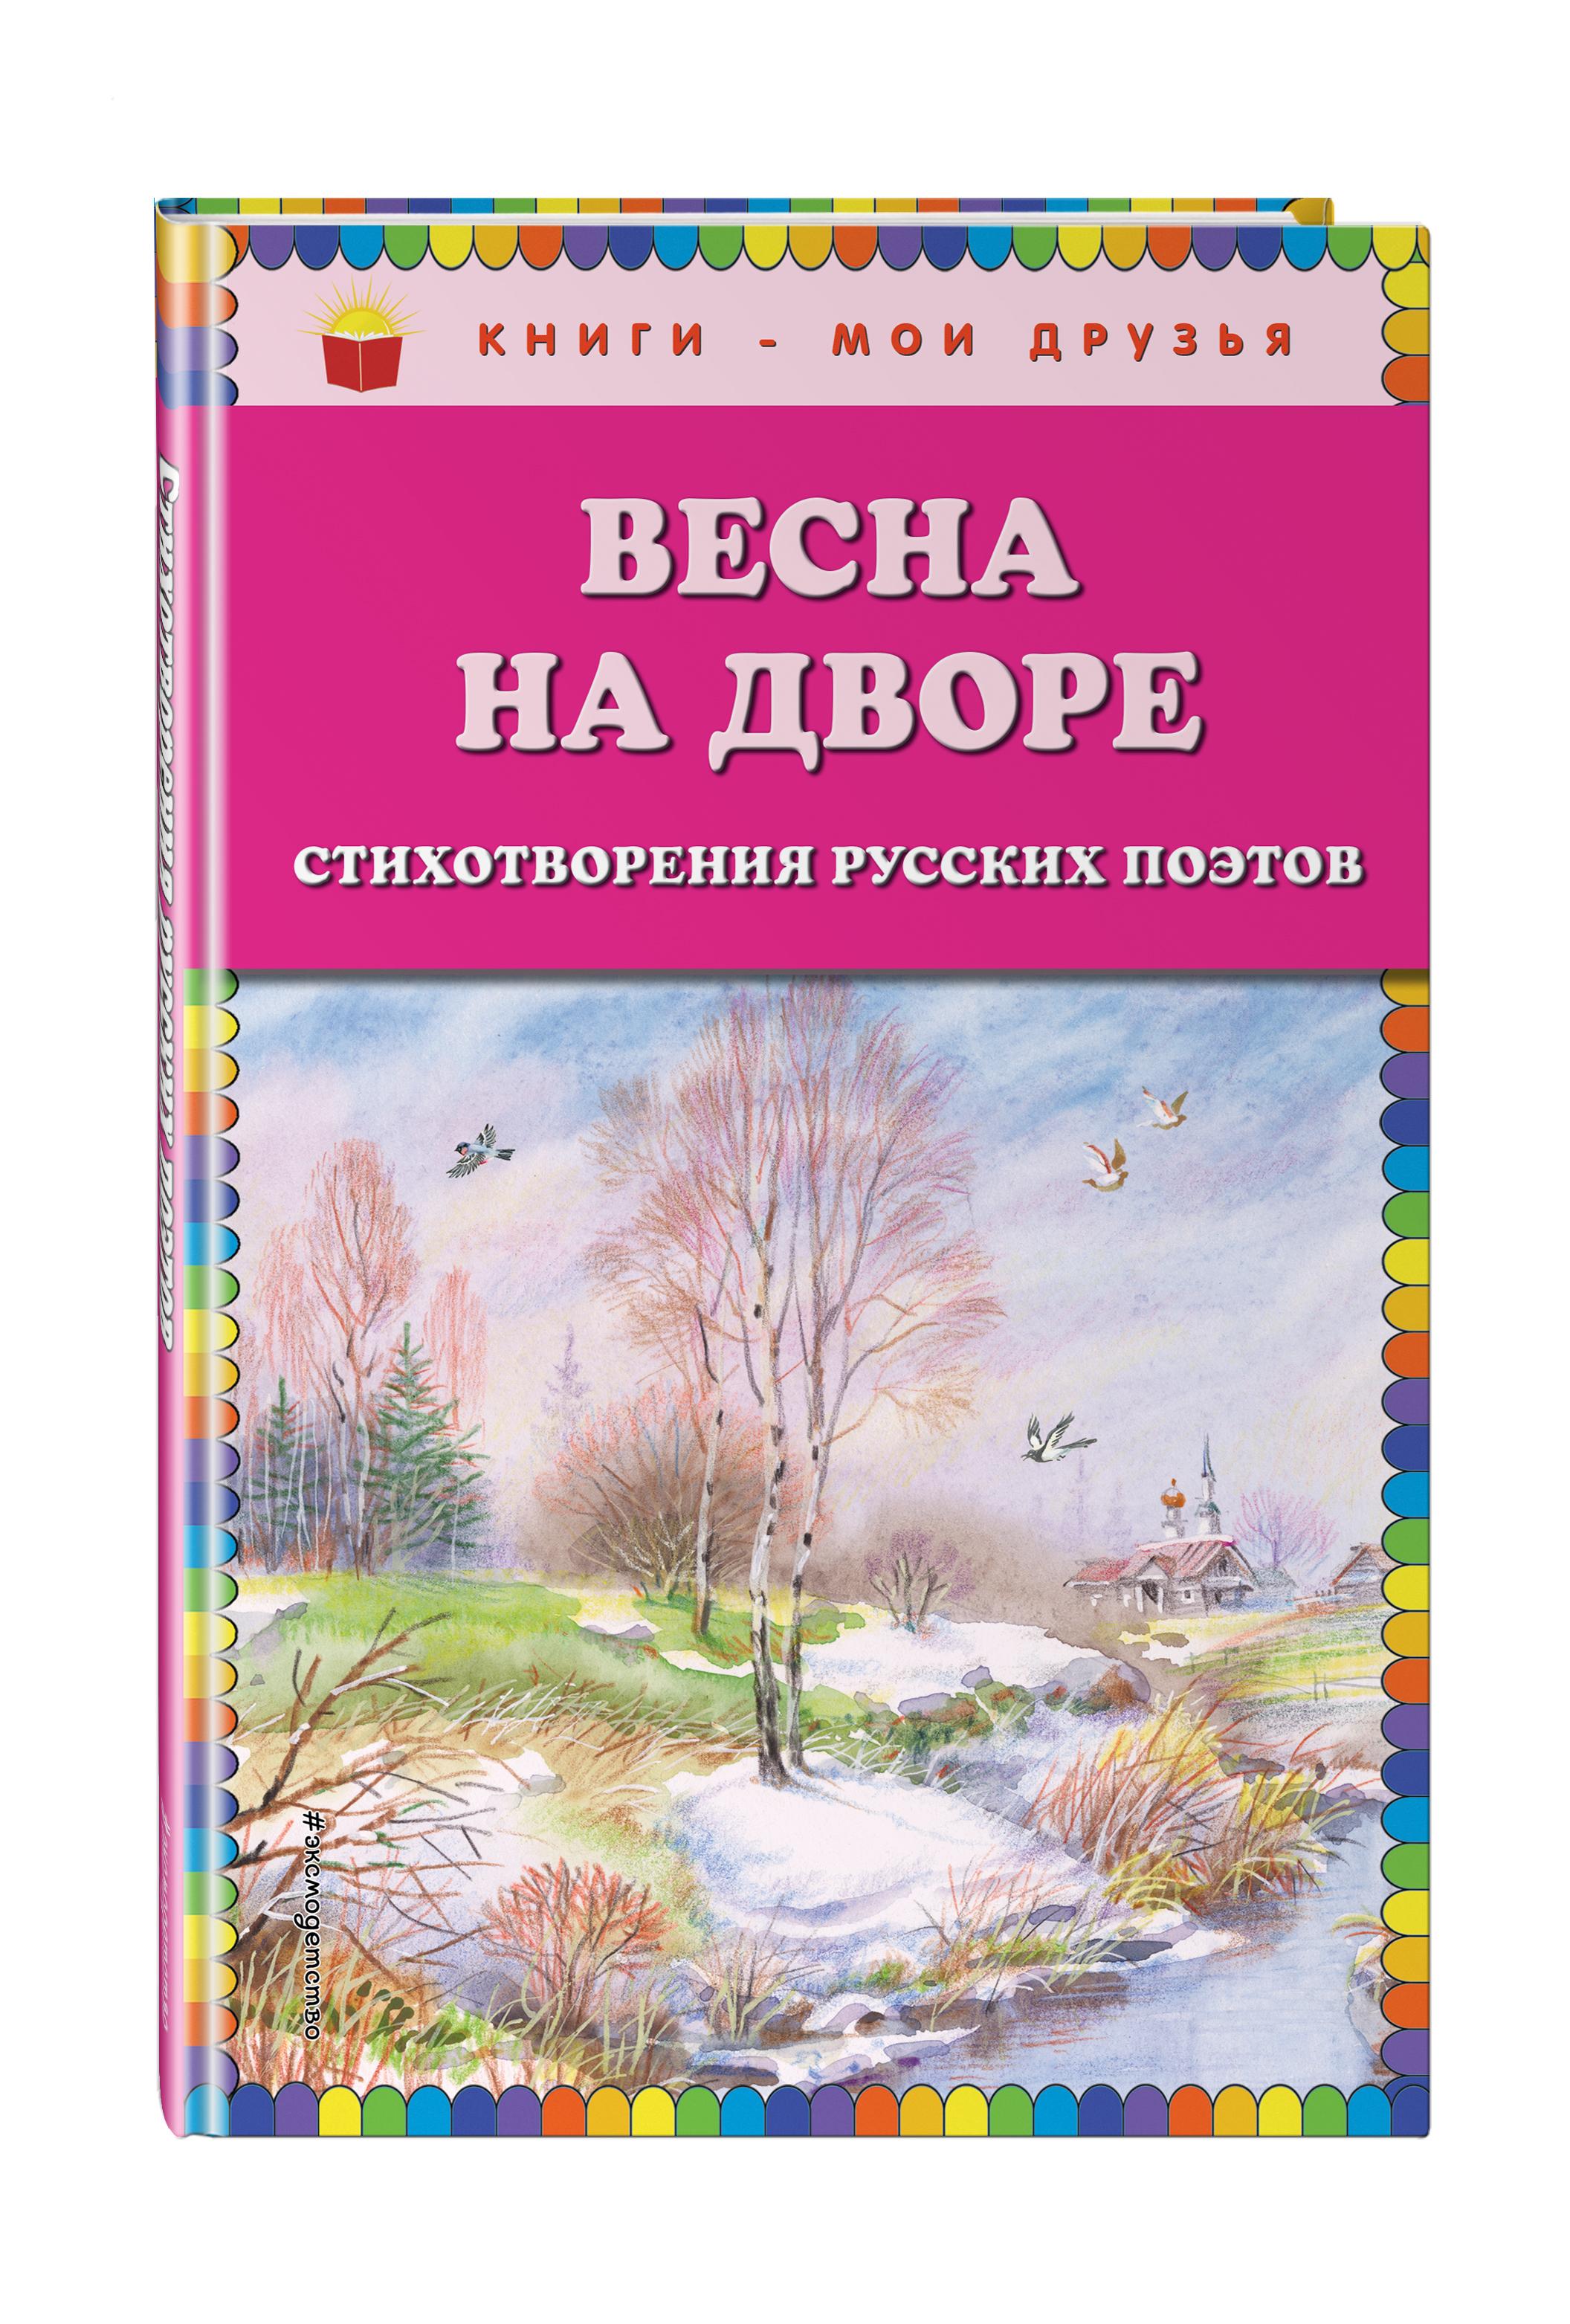 Есенин С.А., Пушкин А.С., Тютчев Ф.И. .и др. Весна на дворе. Стихотворения русских поэтов